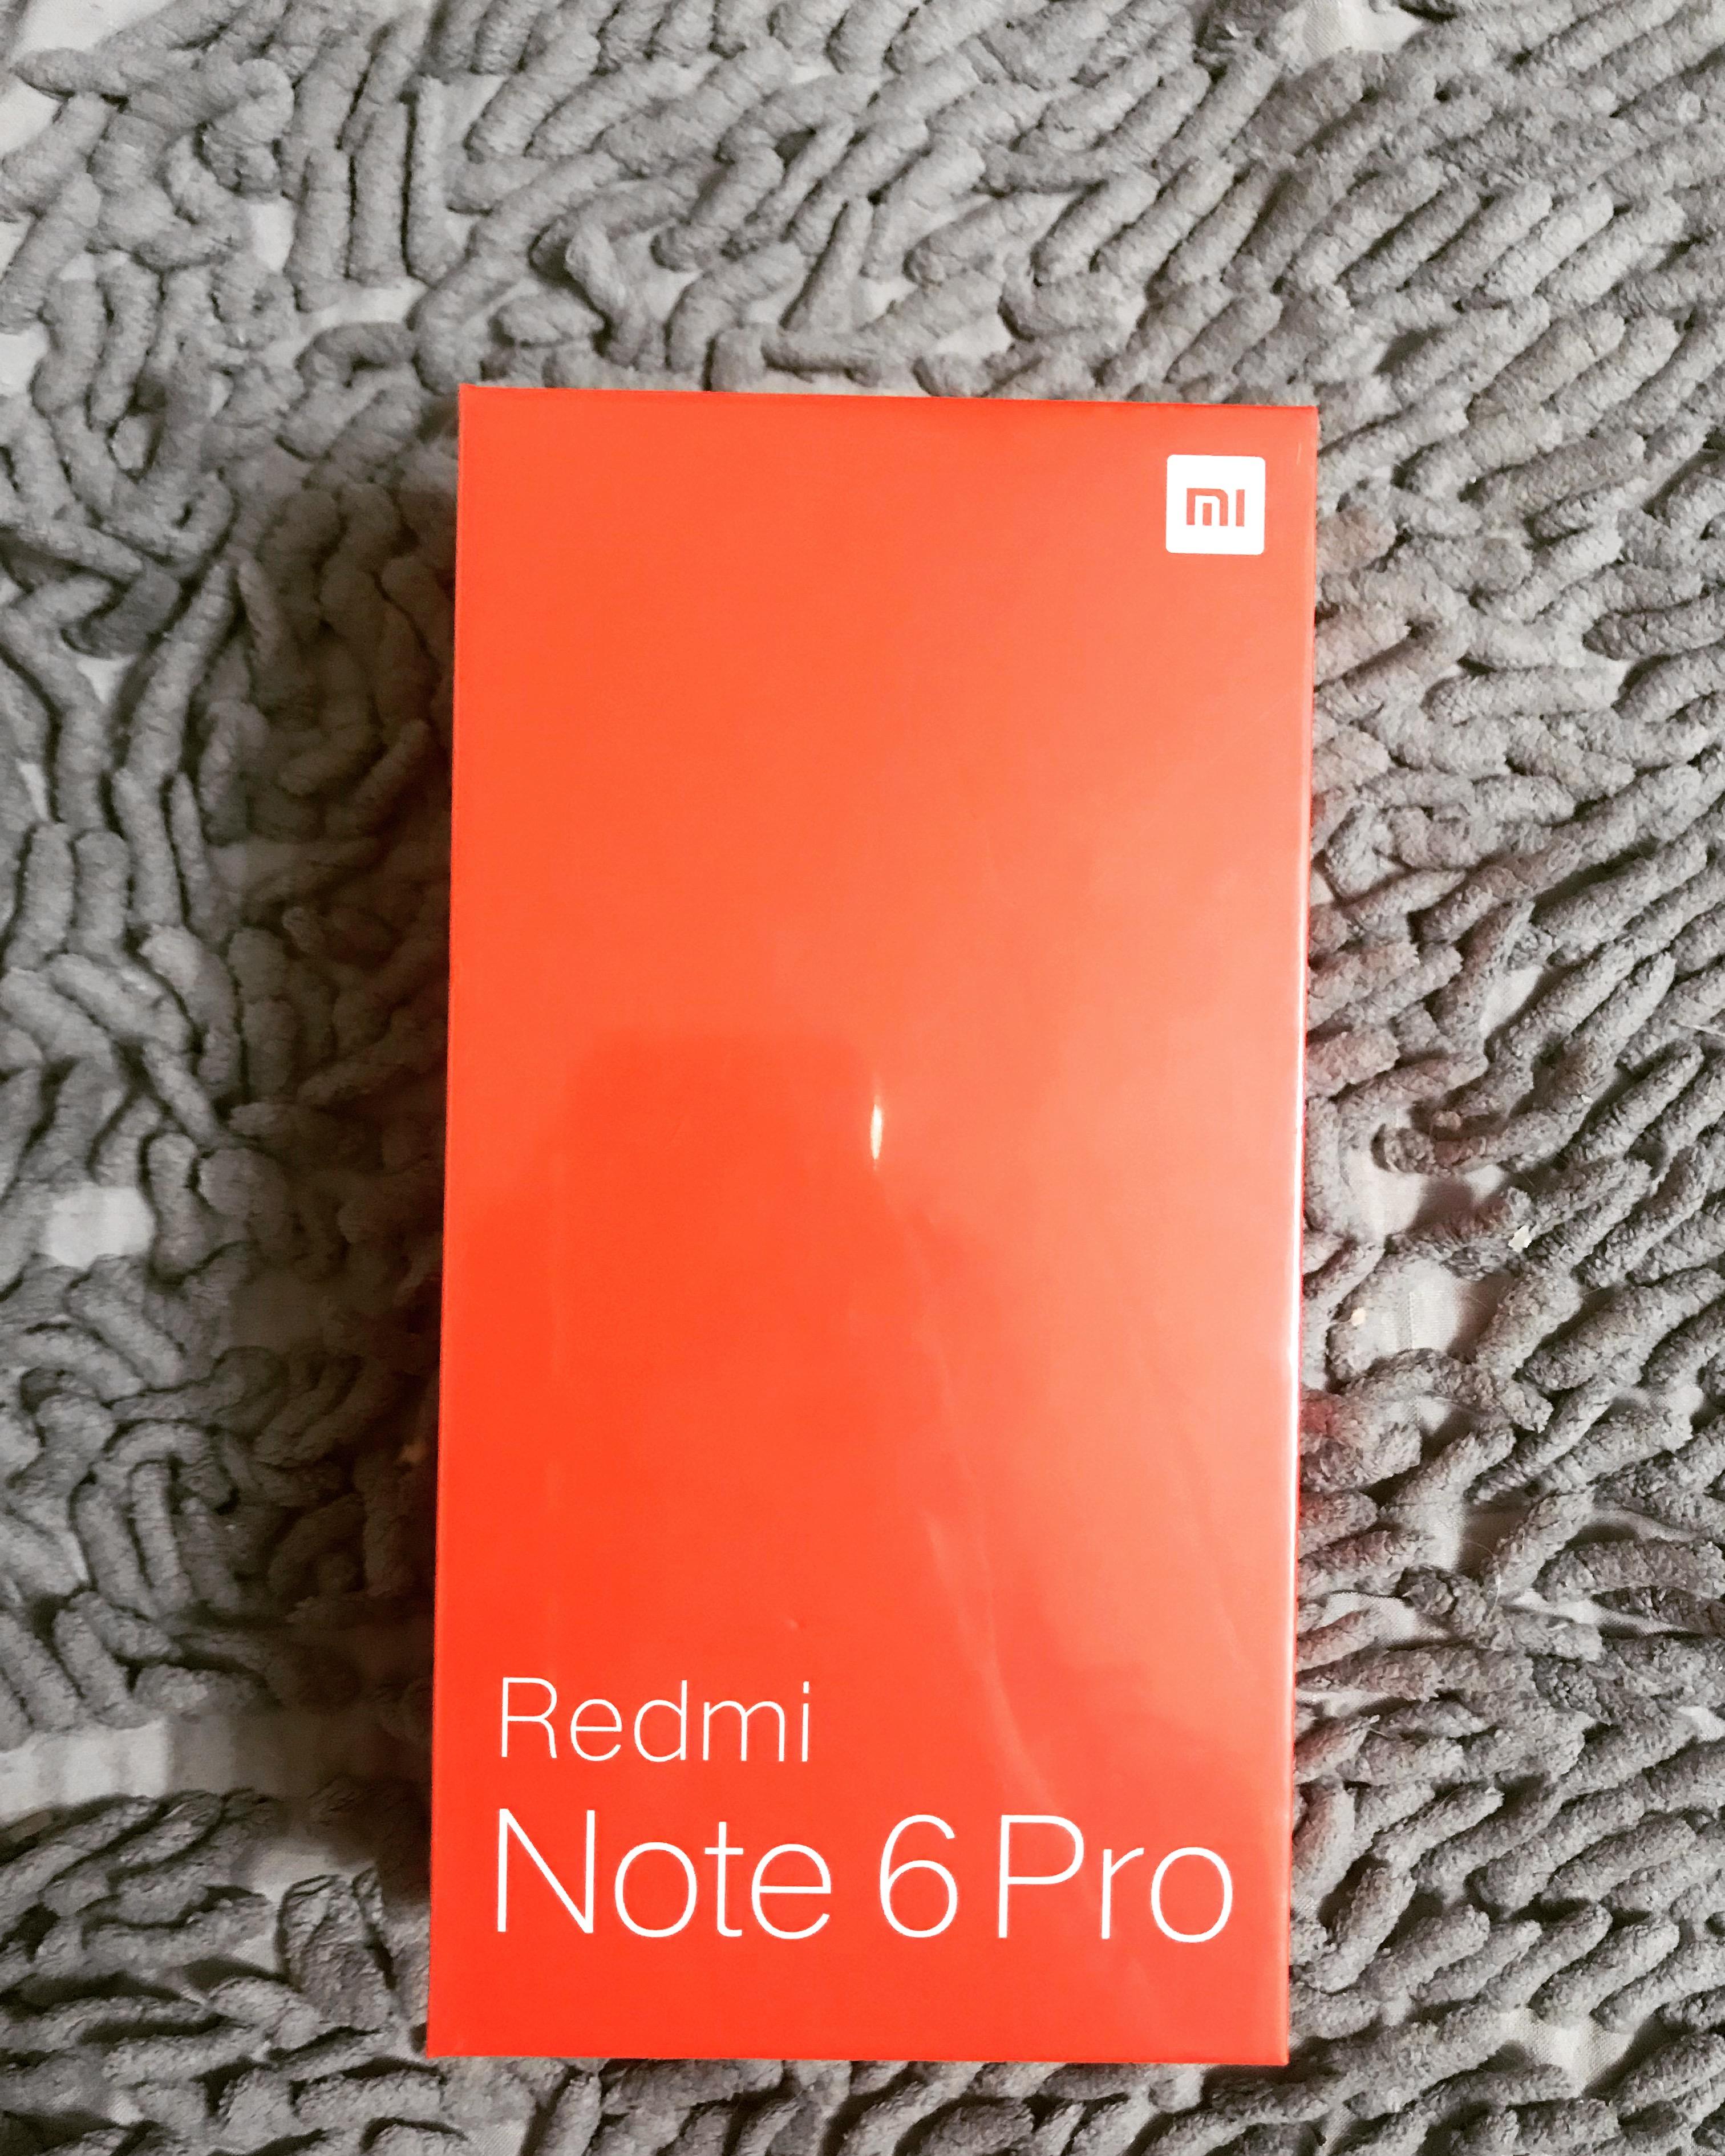 Redmi-Note-6-Pro-1